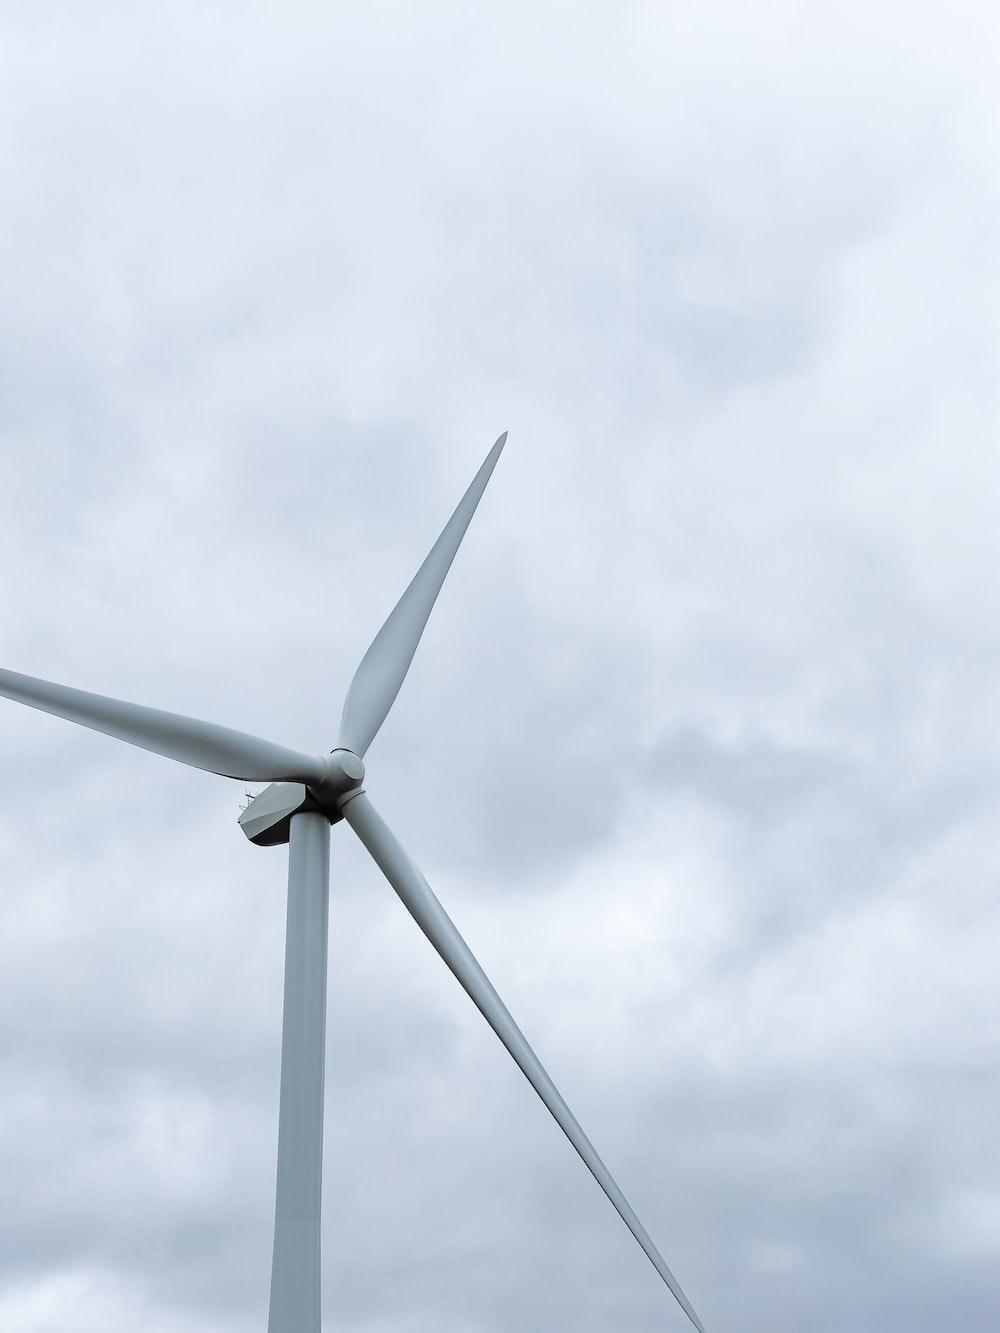 white wind turbine under white clouds during daytime